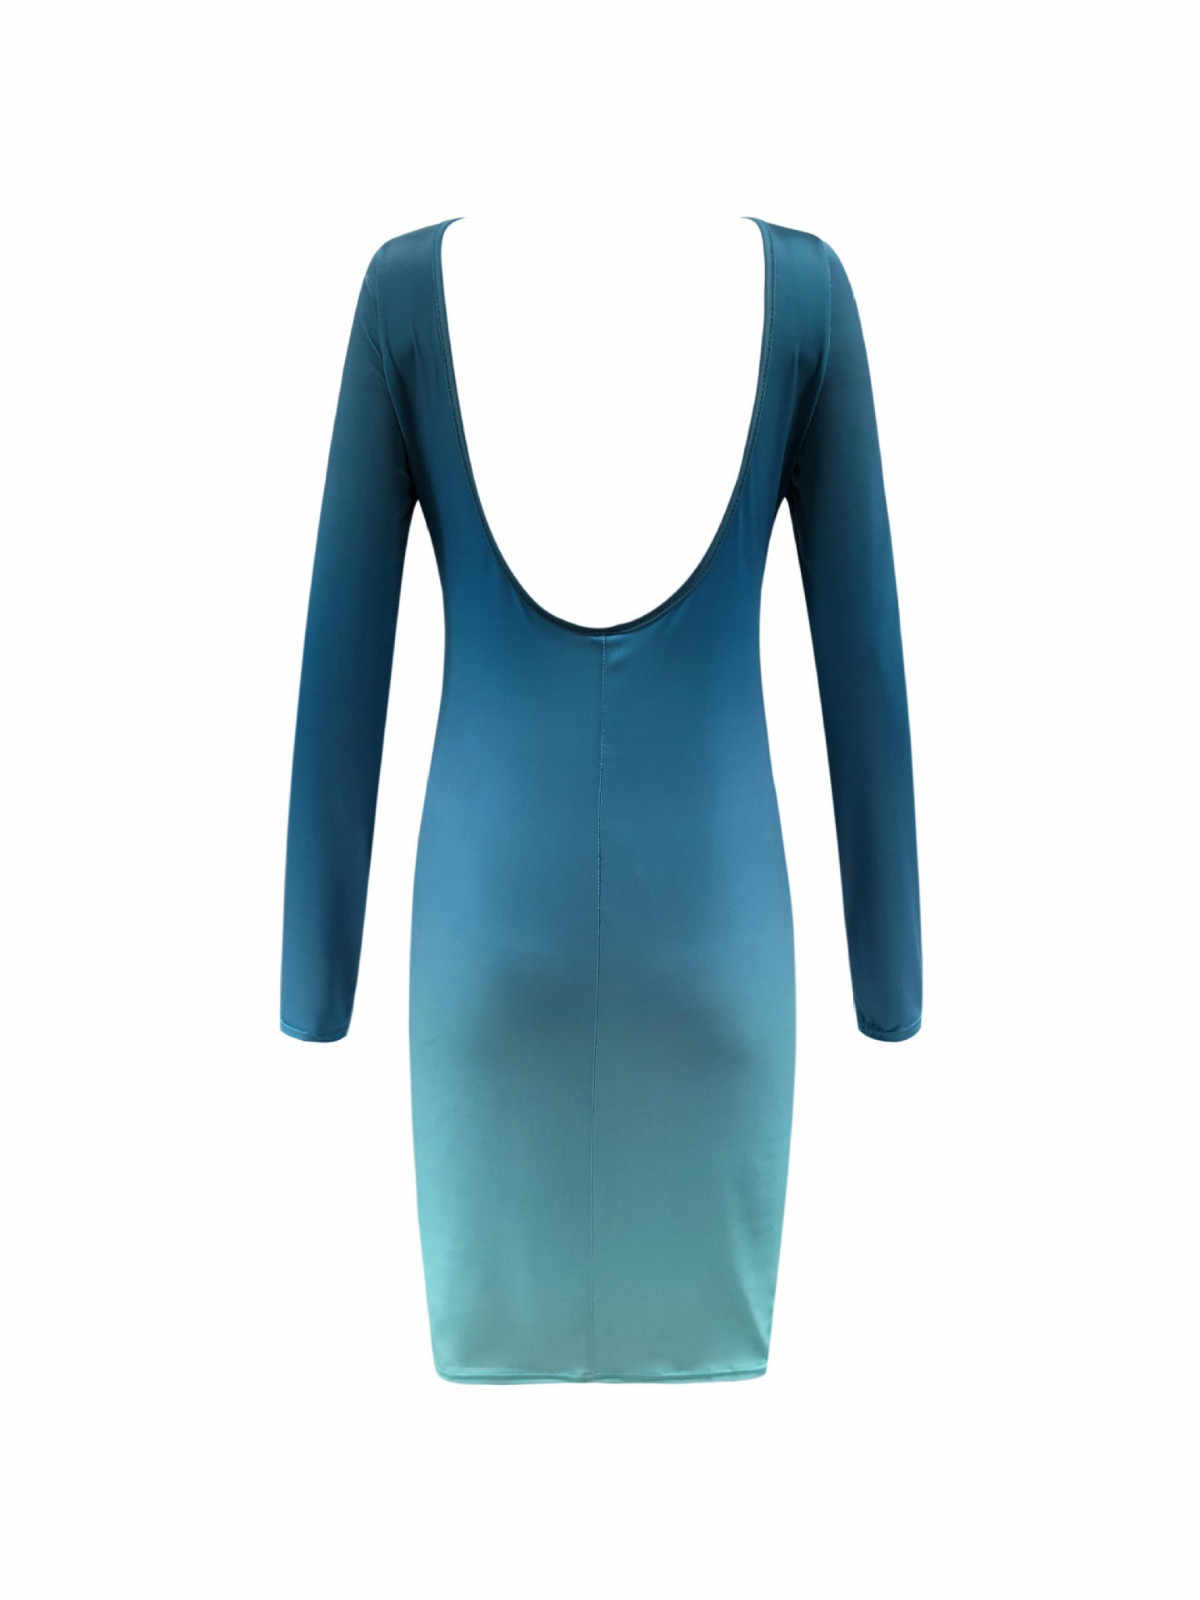 Damska gradientowa obcisła sukienka Vestido z długim rękawem Backless spódniczki damskie nad kolano panie Party Slim Mini sukienka плацие Женское # LR4